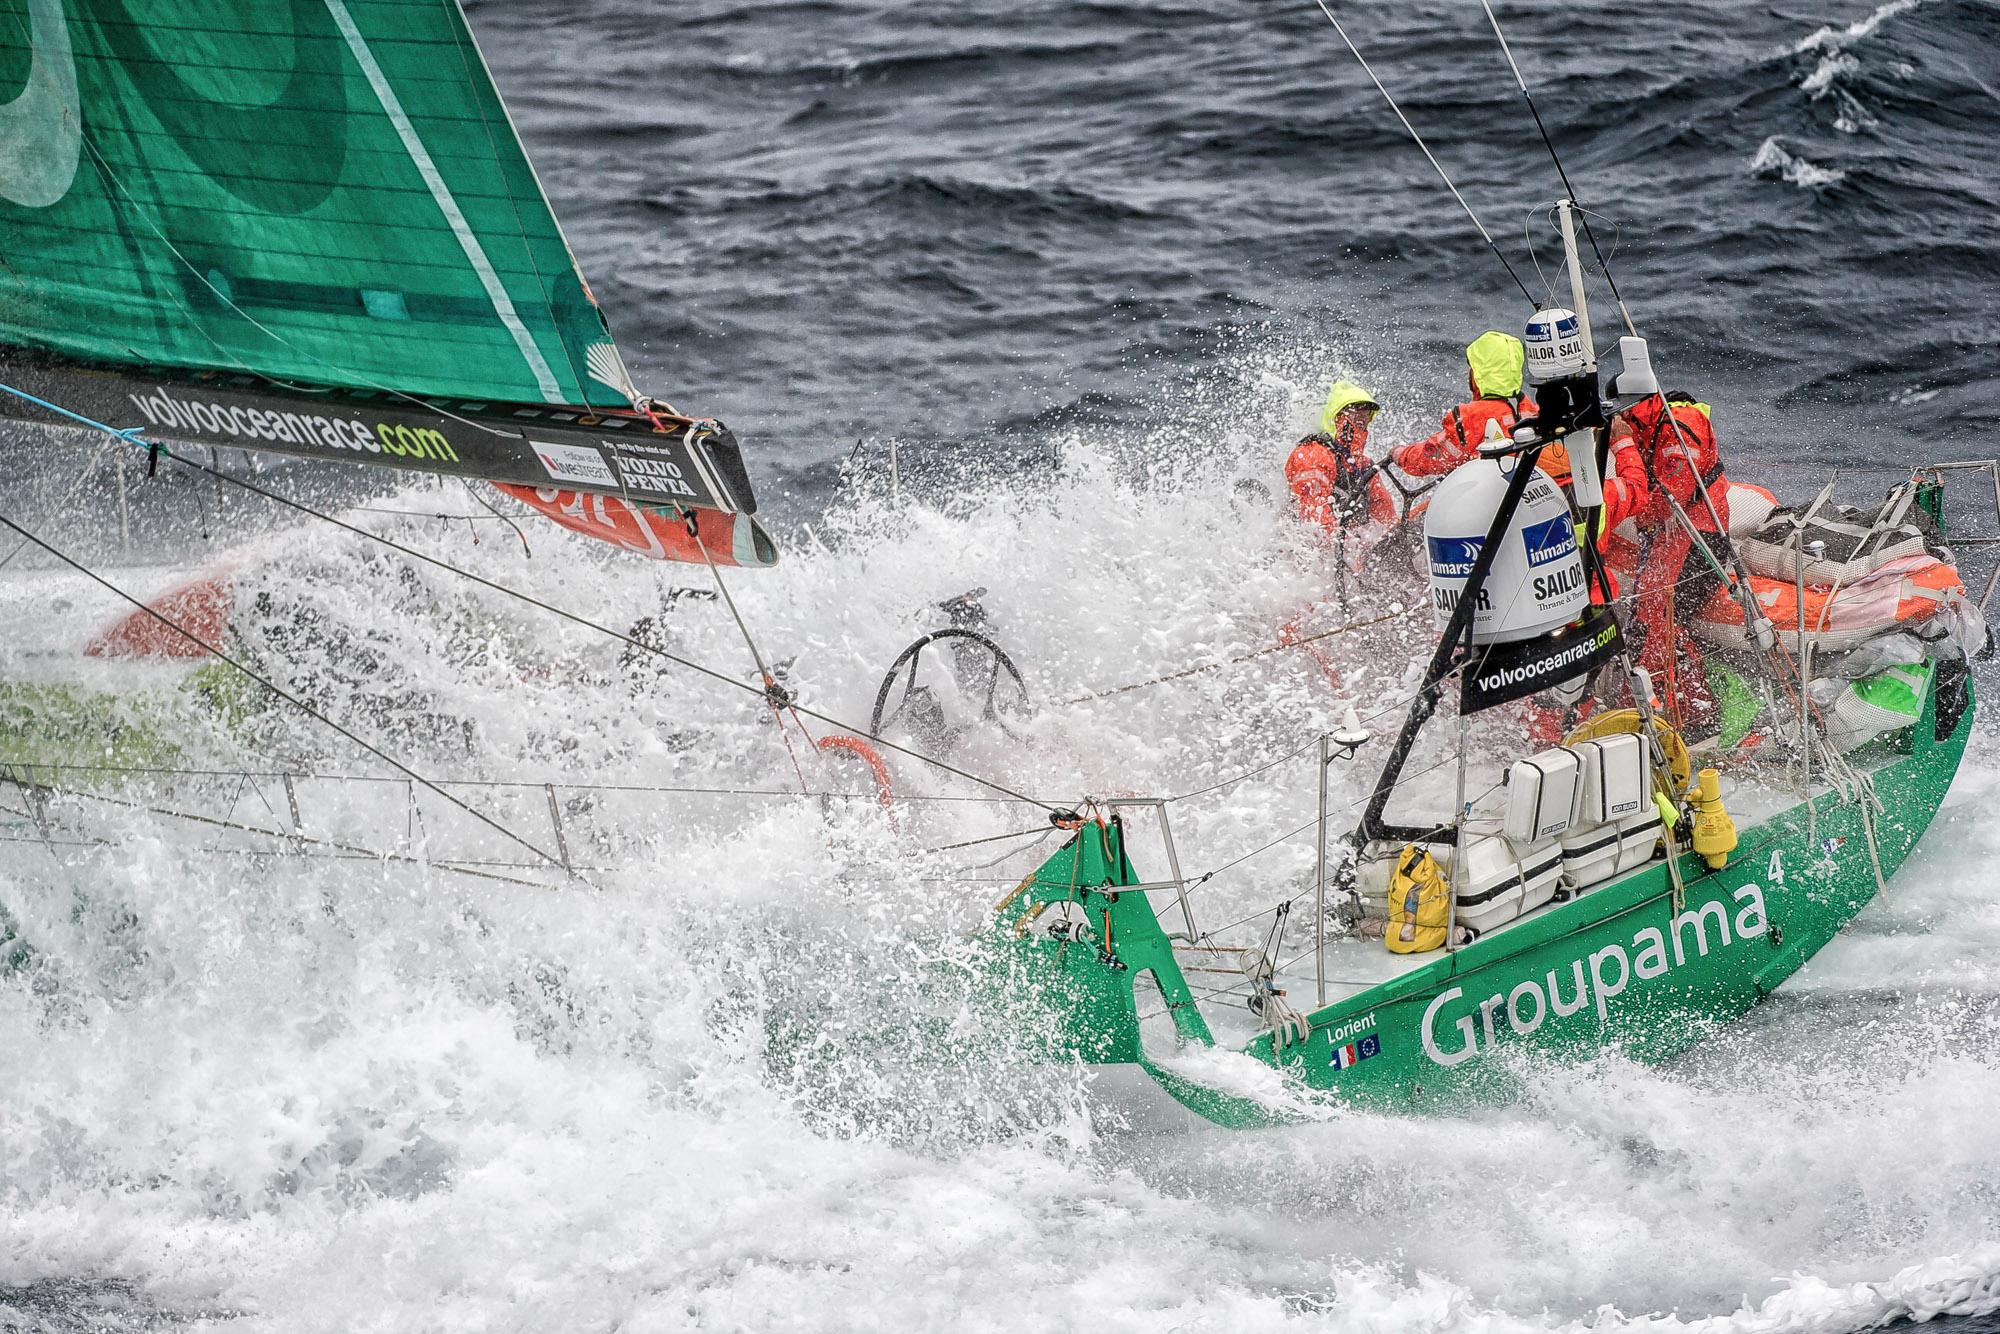 CLIENT: VOLVO OCEAN RACE